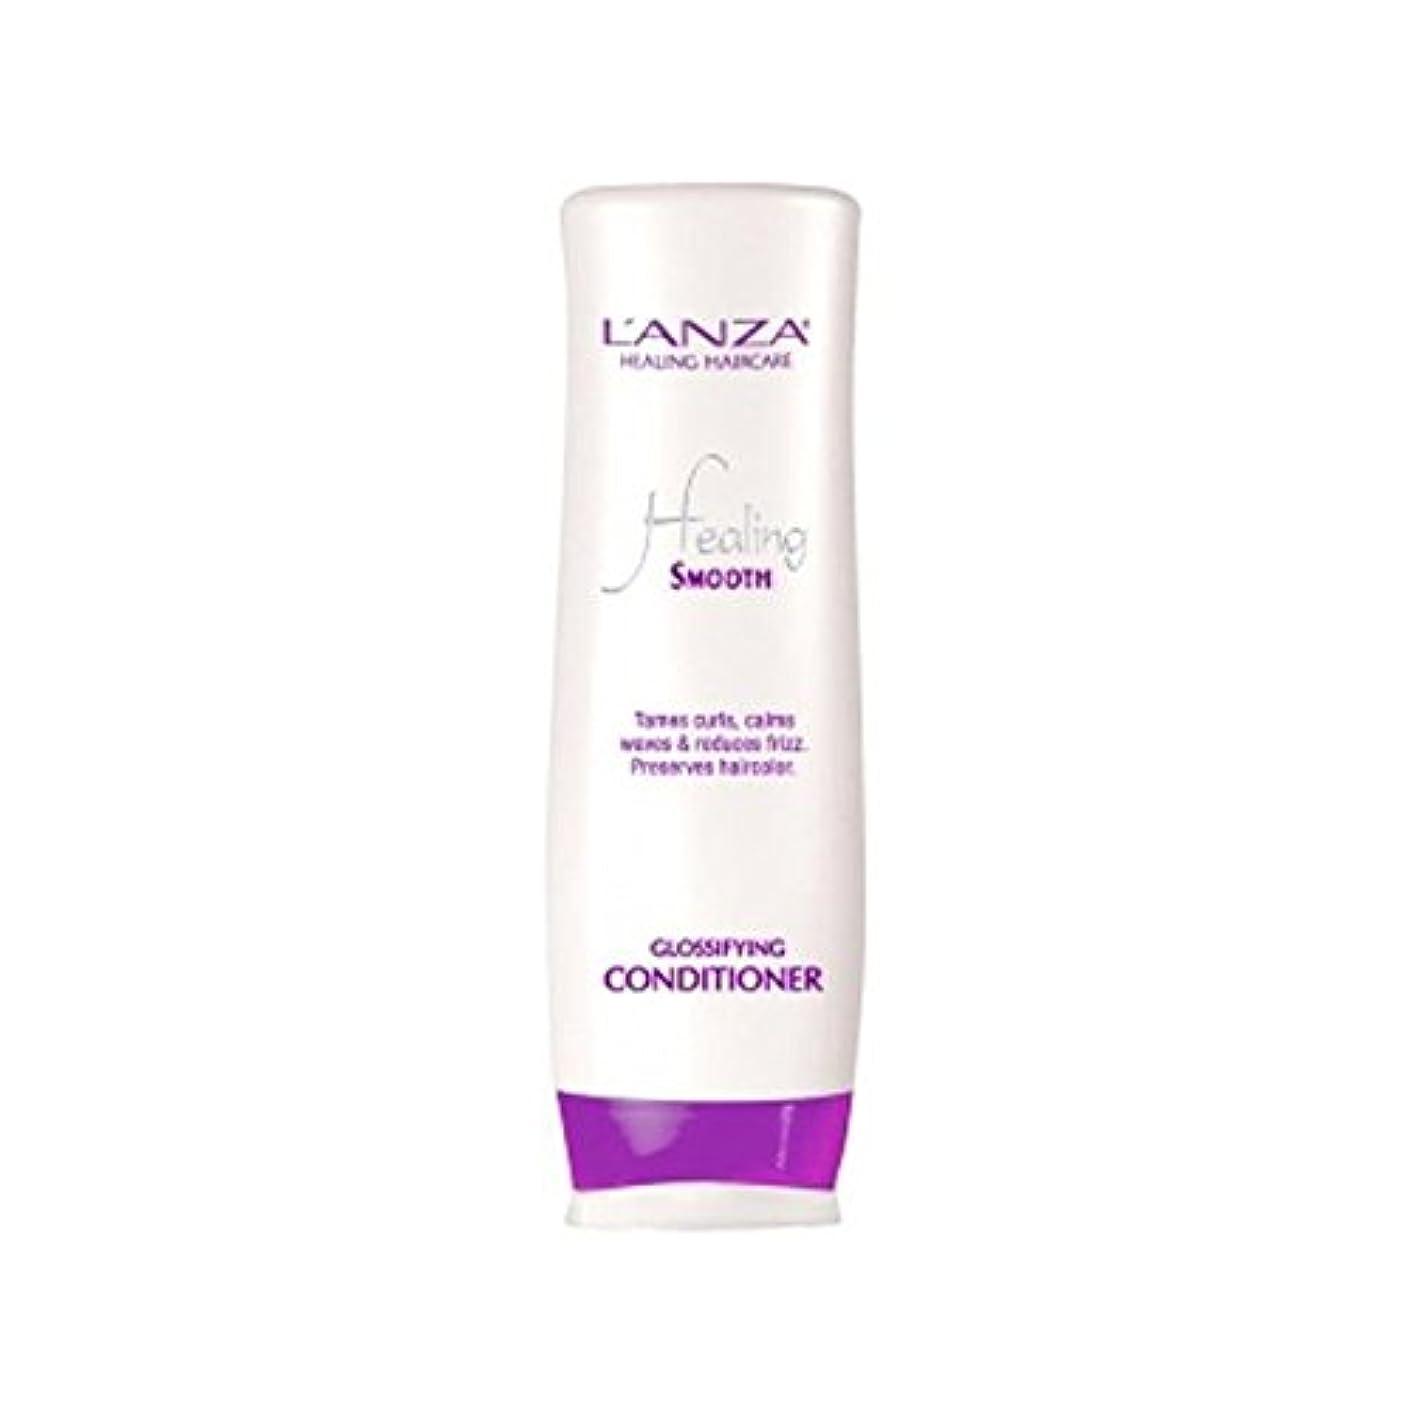 承認ドットウミウシスムーズなコンディショナーを癒し'アンザ(250ミリリットル) x2 - L'Anza Healing Smooth Glossifying Conditioner (250ml) (Pack of 2) [並行輸入品]